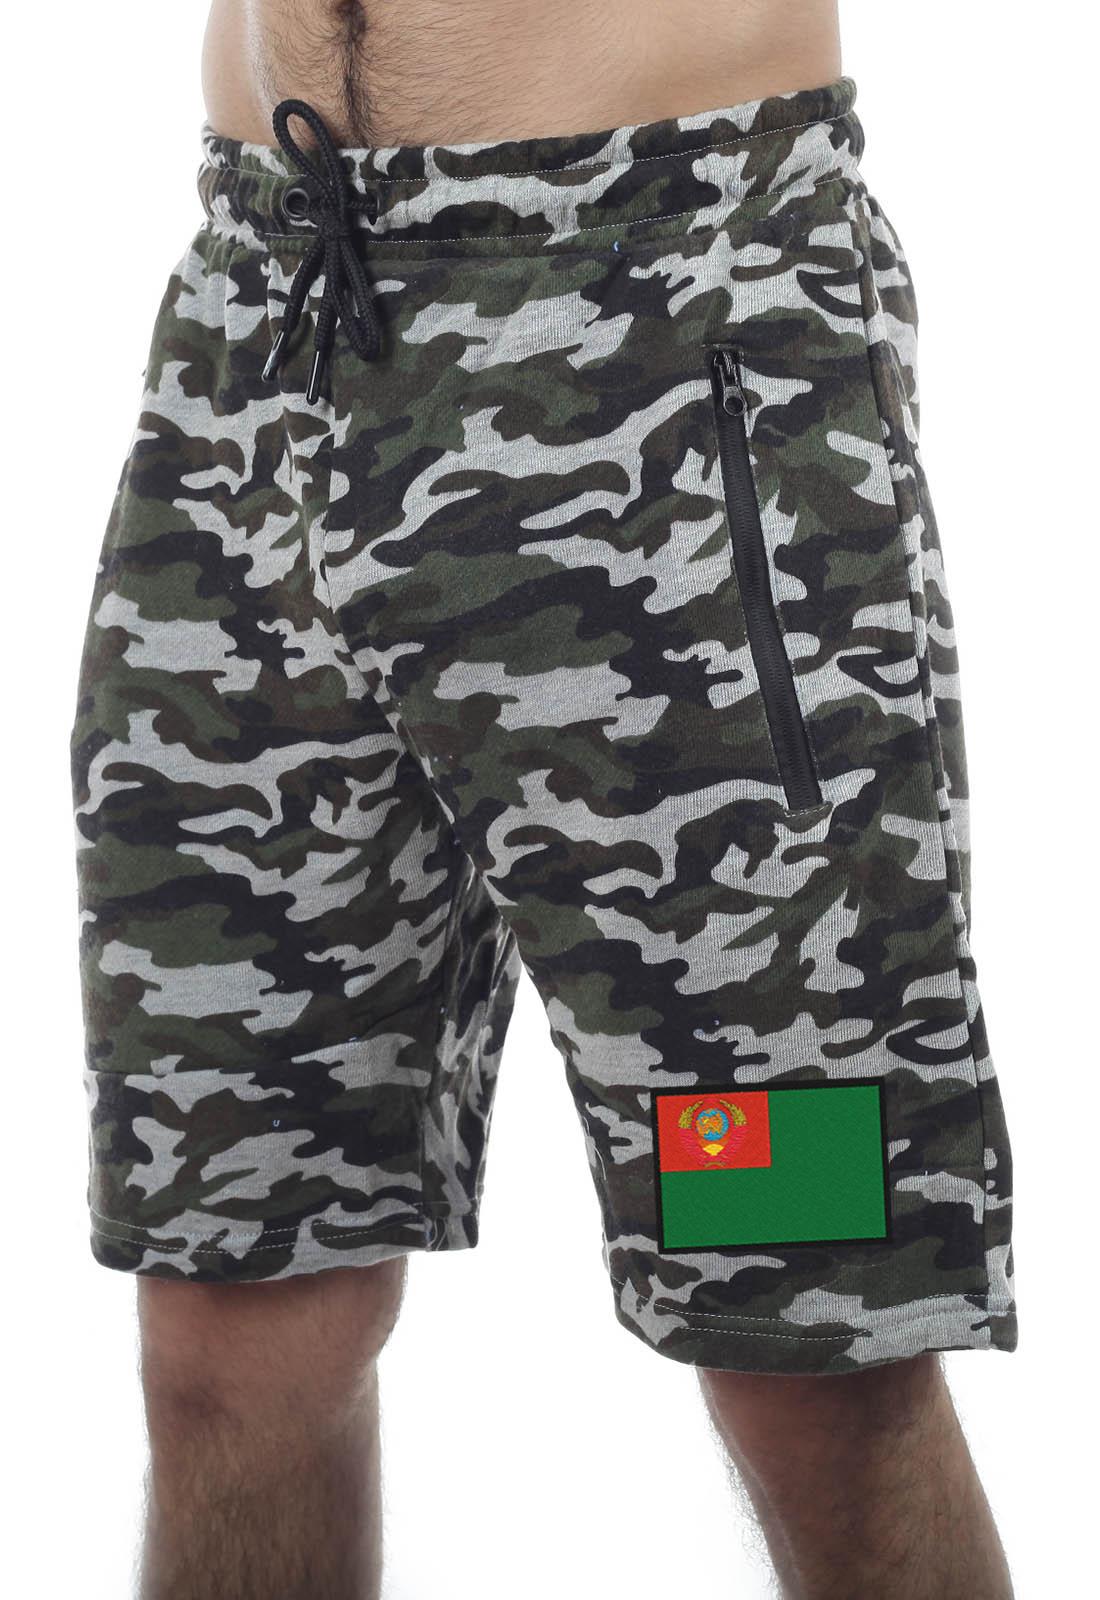 Заказать мужские шорты, камуфляж по низким ценам